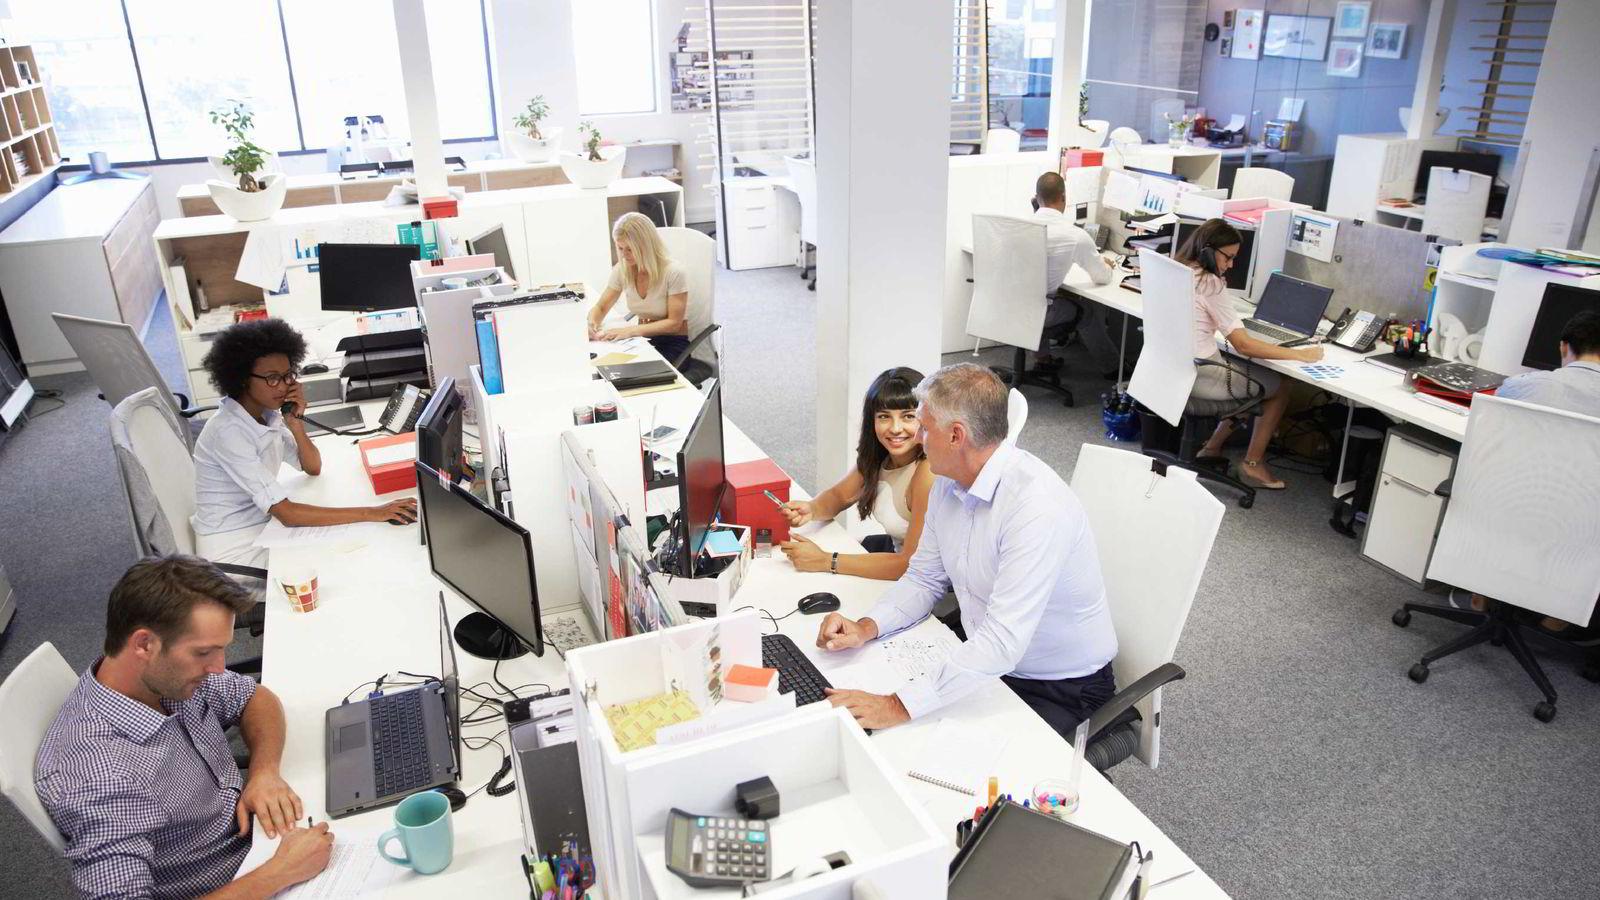 Et flertall av brukerne er negative til åpne kontorlandskap.